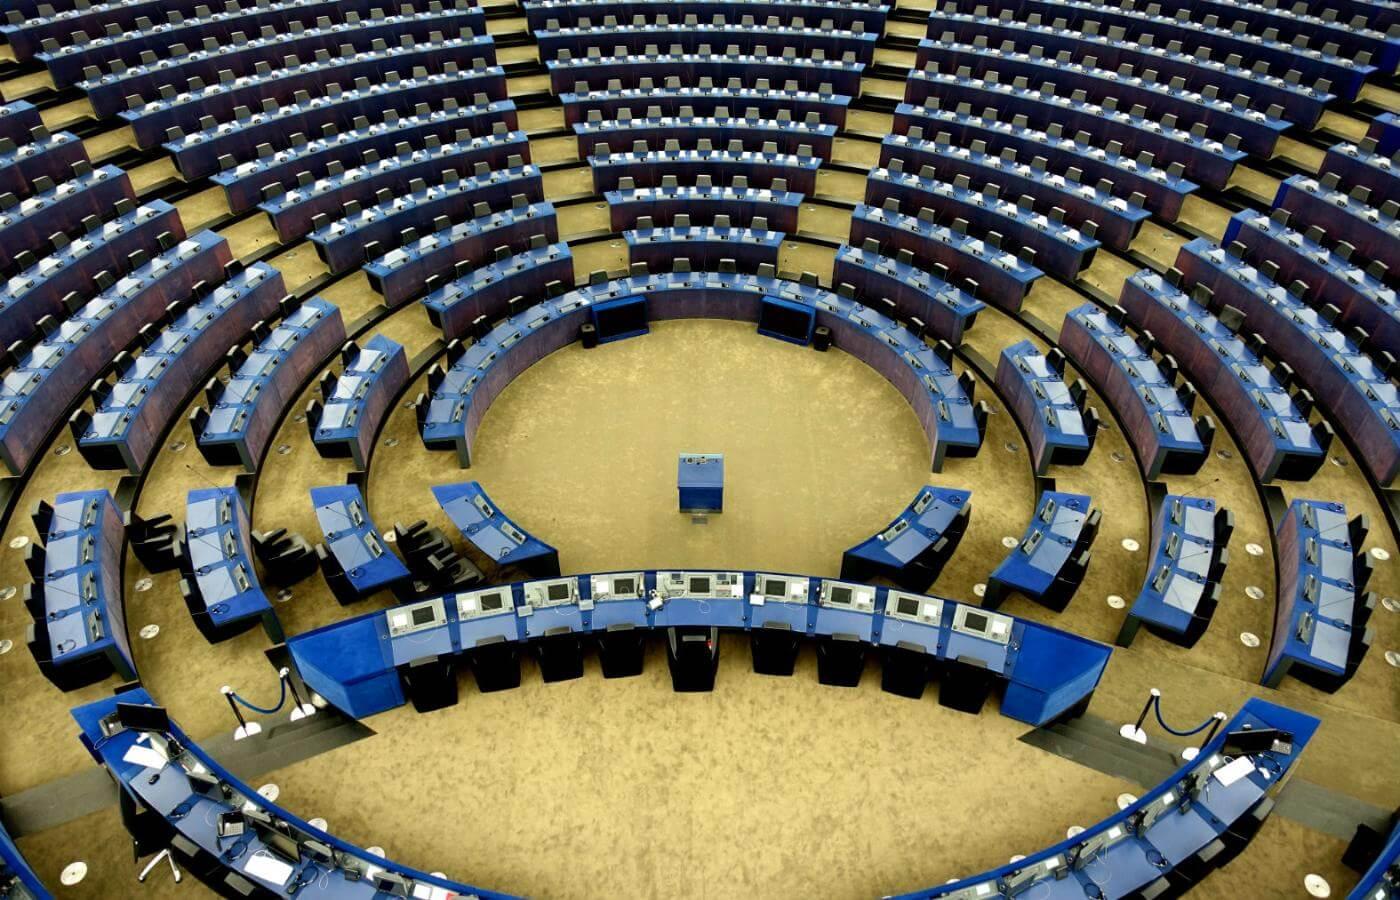 okładka do tekstu o zakładach bukmacherskich na wybory parlamentarne w 2019 roku